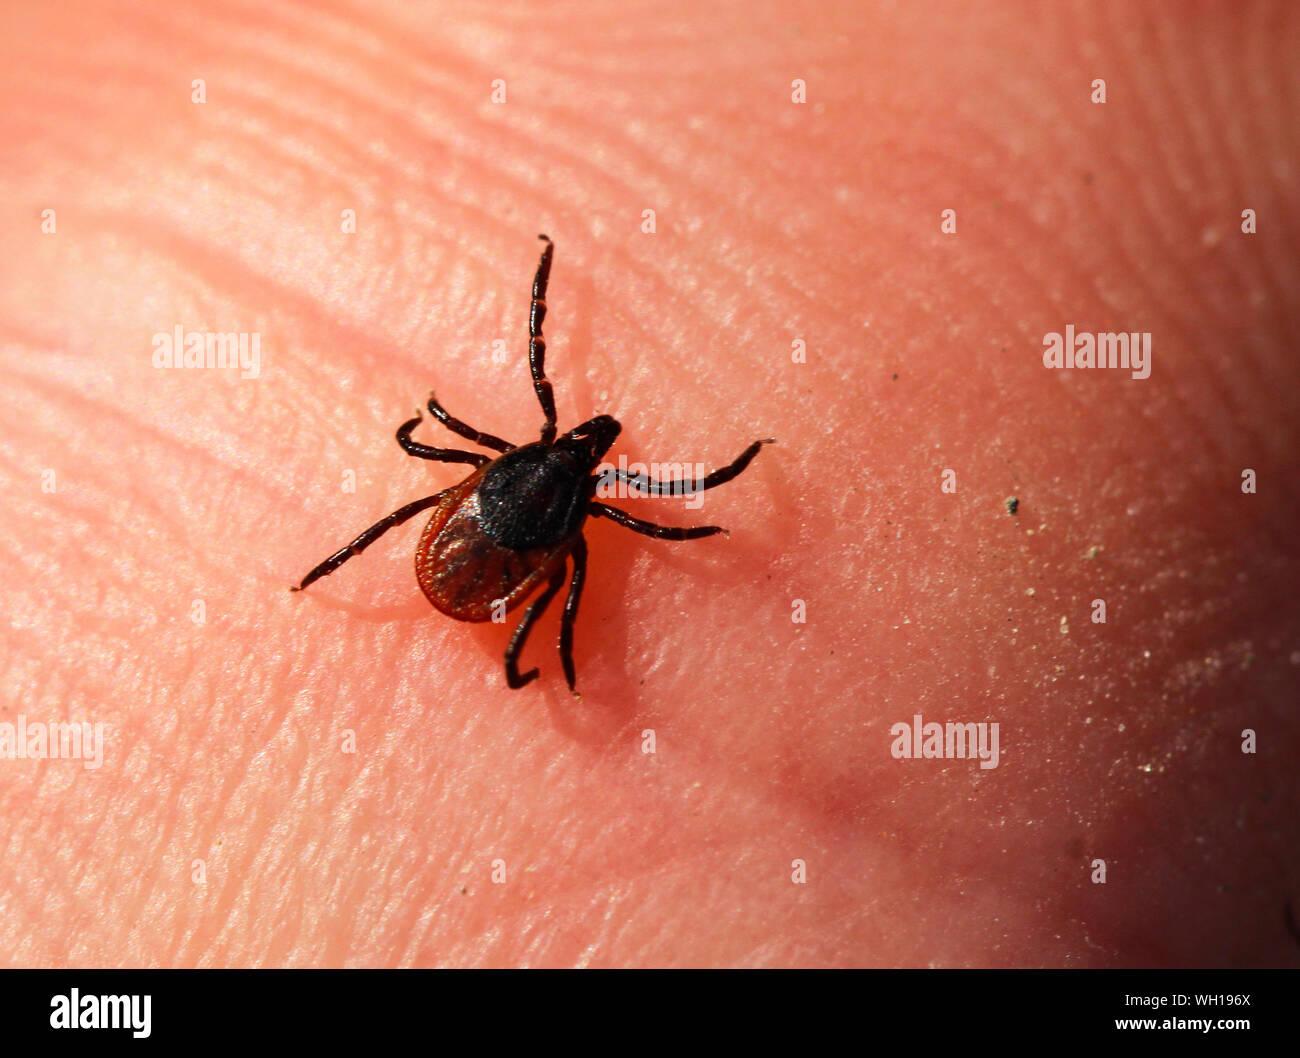 Hembra ricino garrapata Ixodes ricinus, caminando sobre la piel humana y buscando comida de sangre. Foto de stock